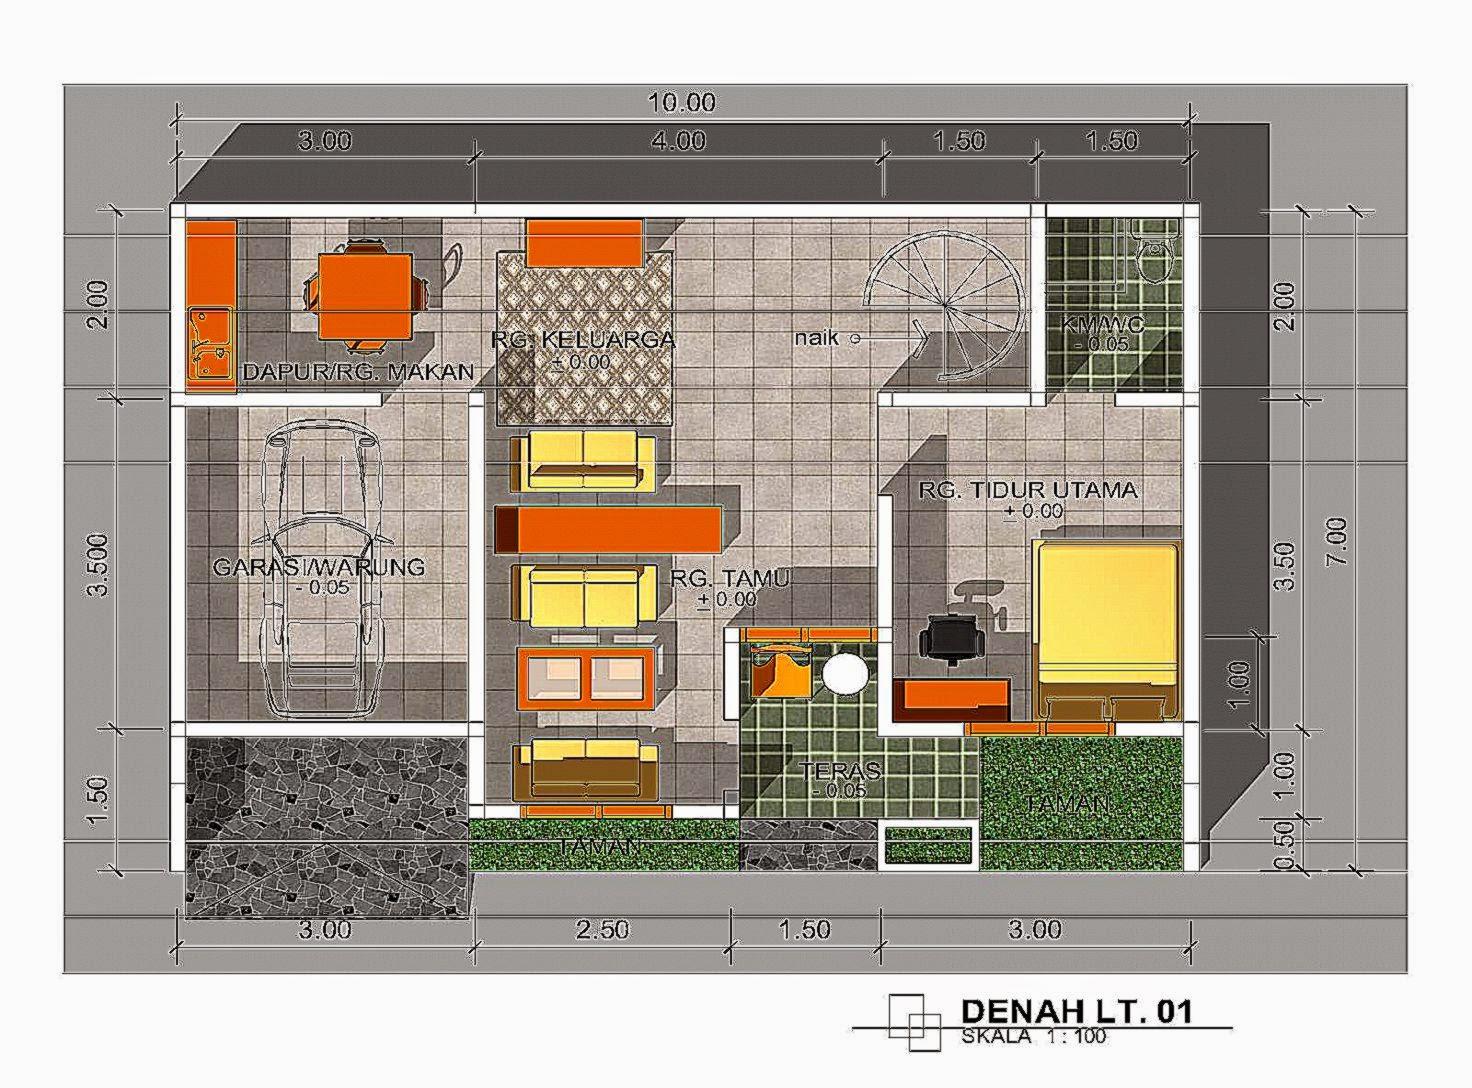 Tabloid Rumah Minimalis Desain Rumah Unik dan tabloid rumah